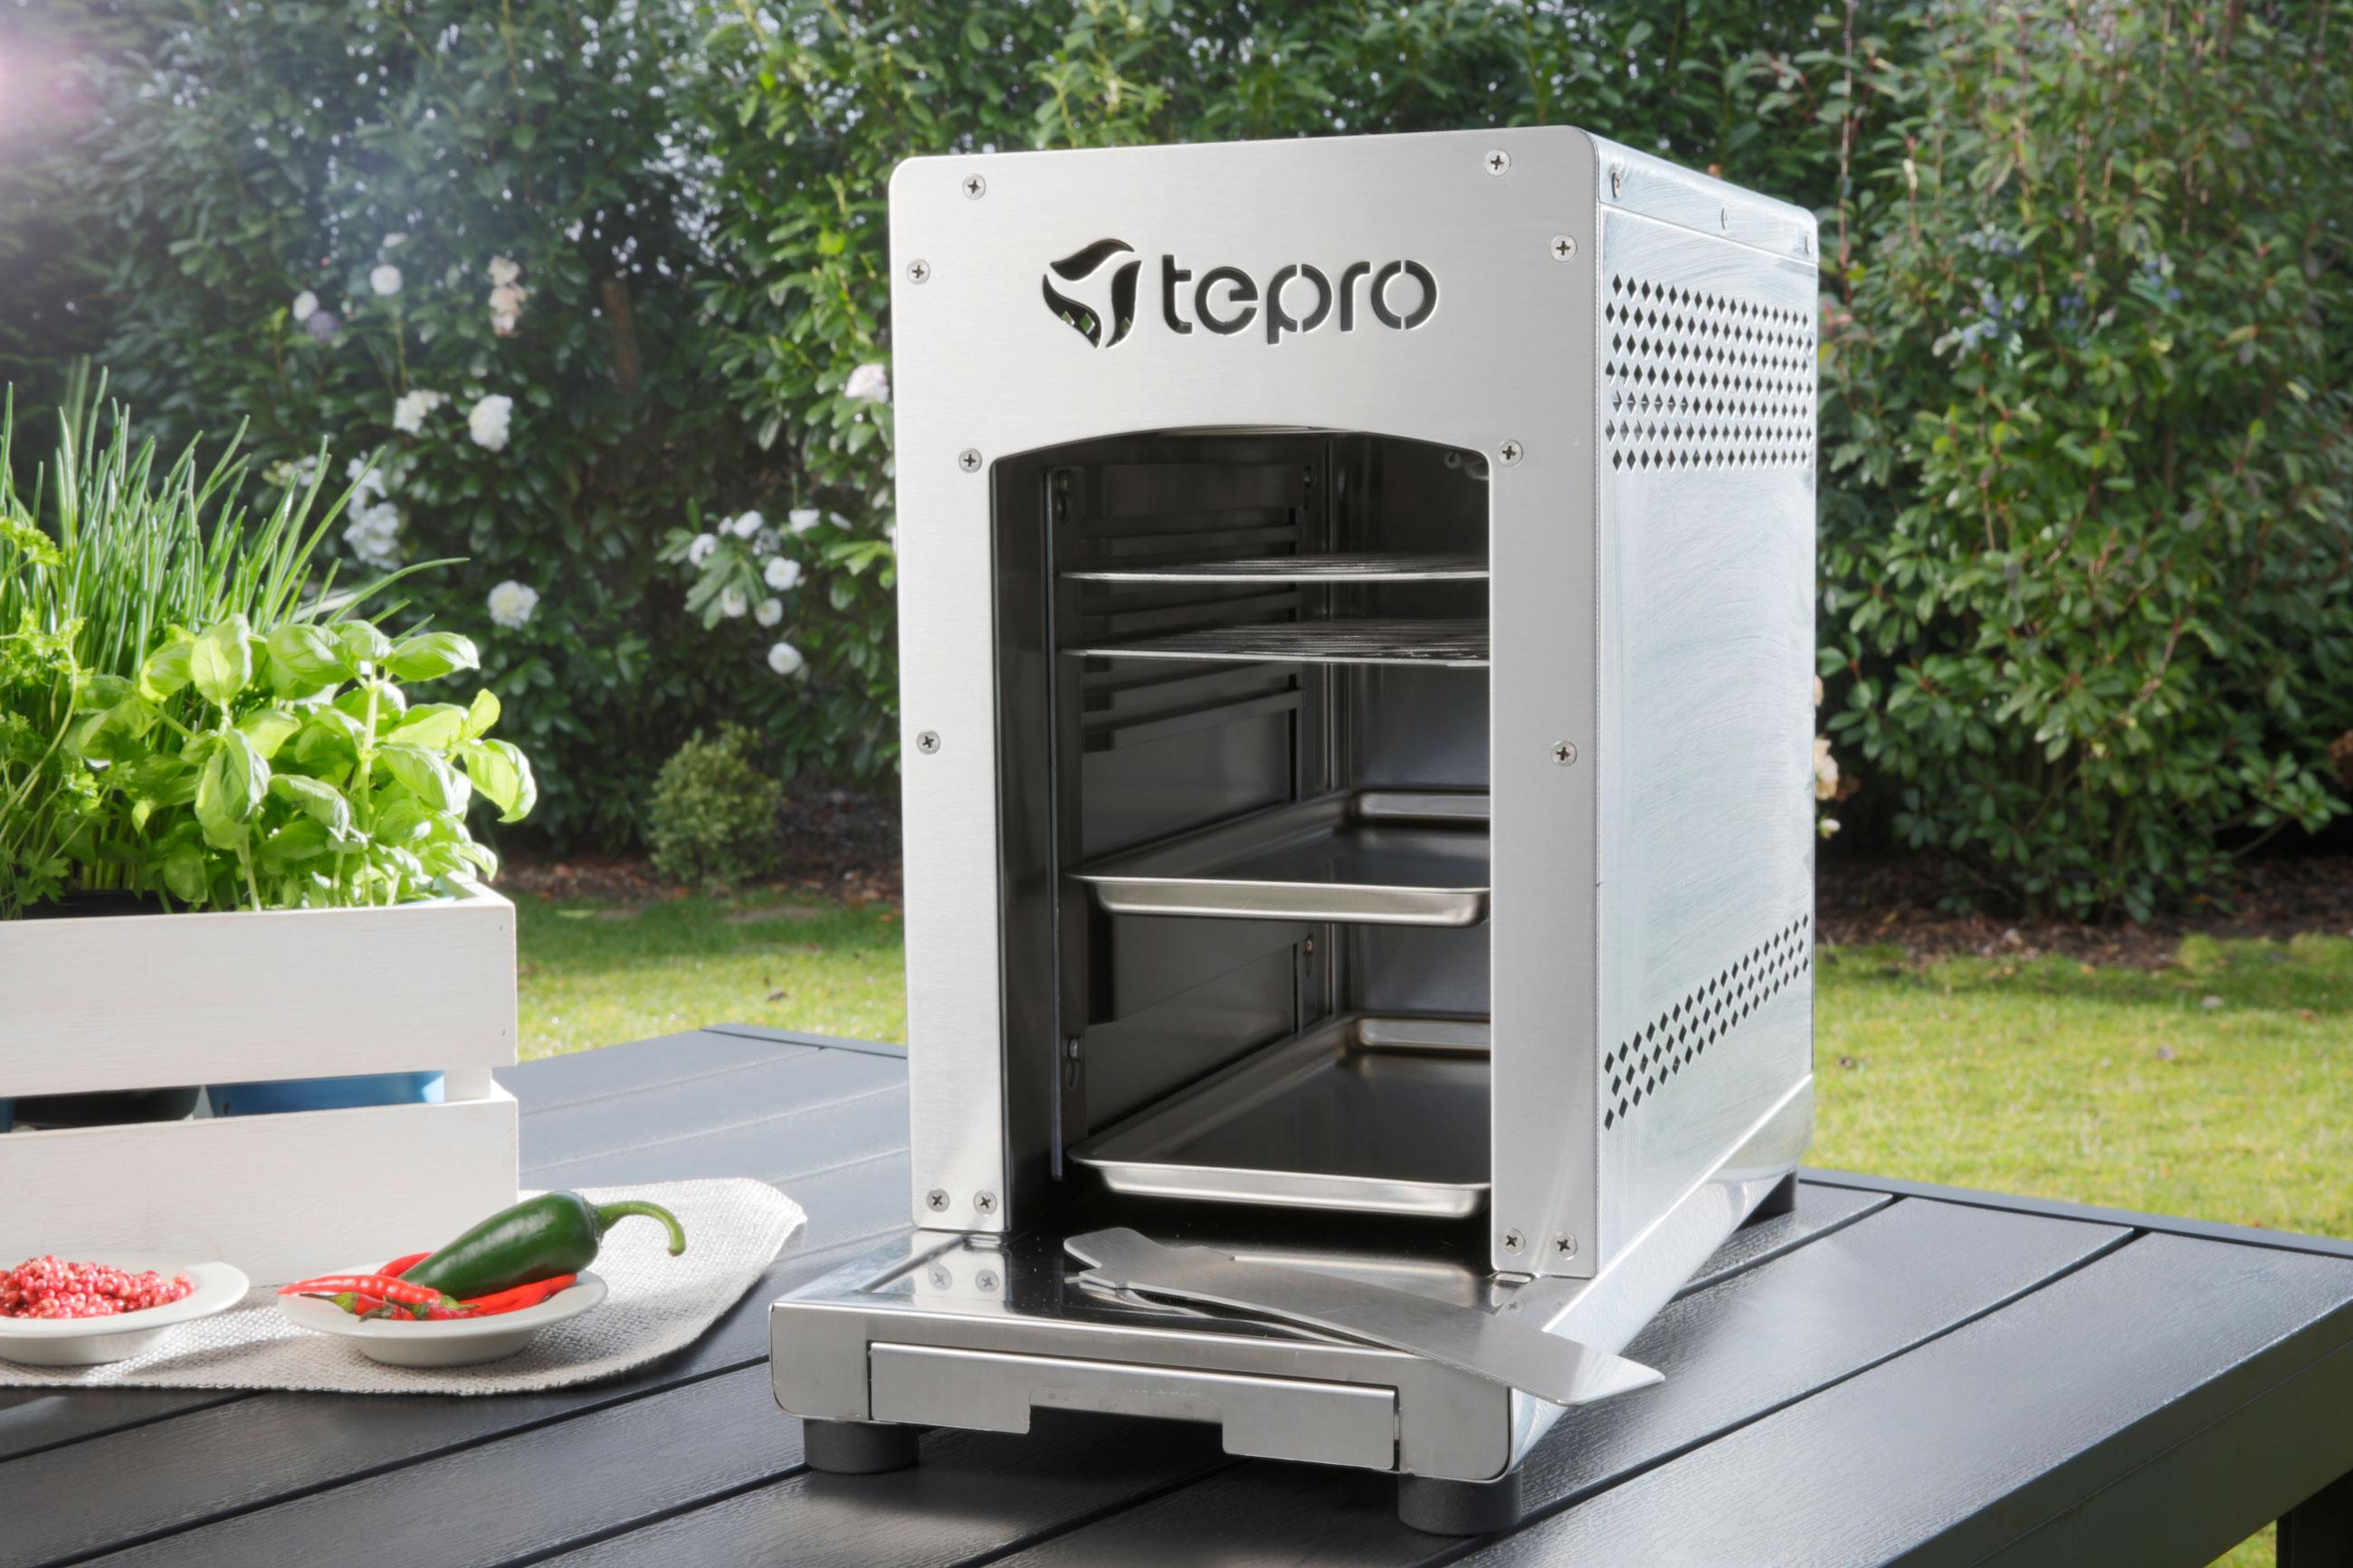 Tepro Steakgrill / Oberhitze Gasgrill / Tischgrill Toronto 31,5x15,4cm Bild 13